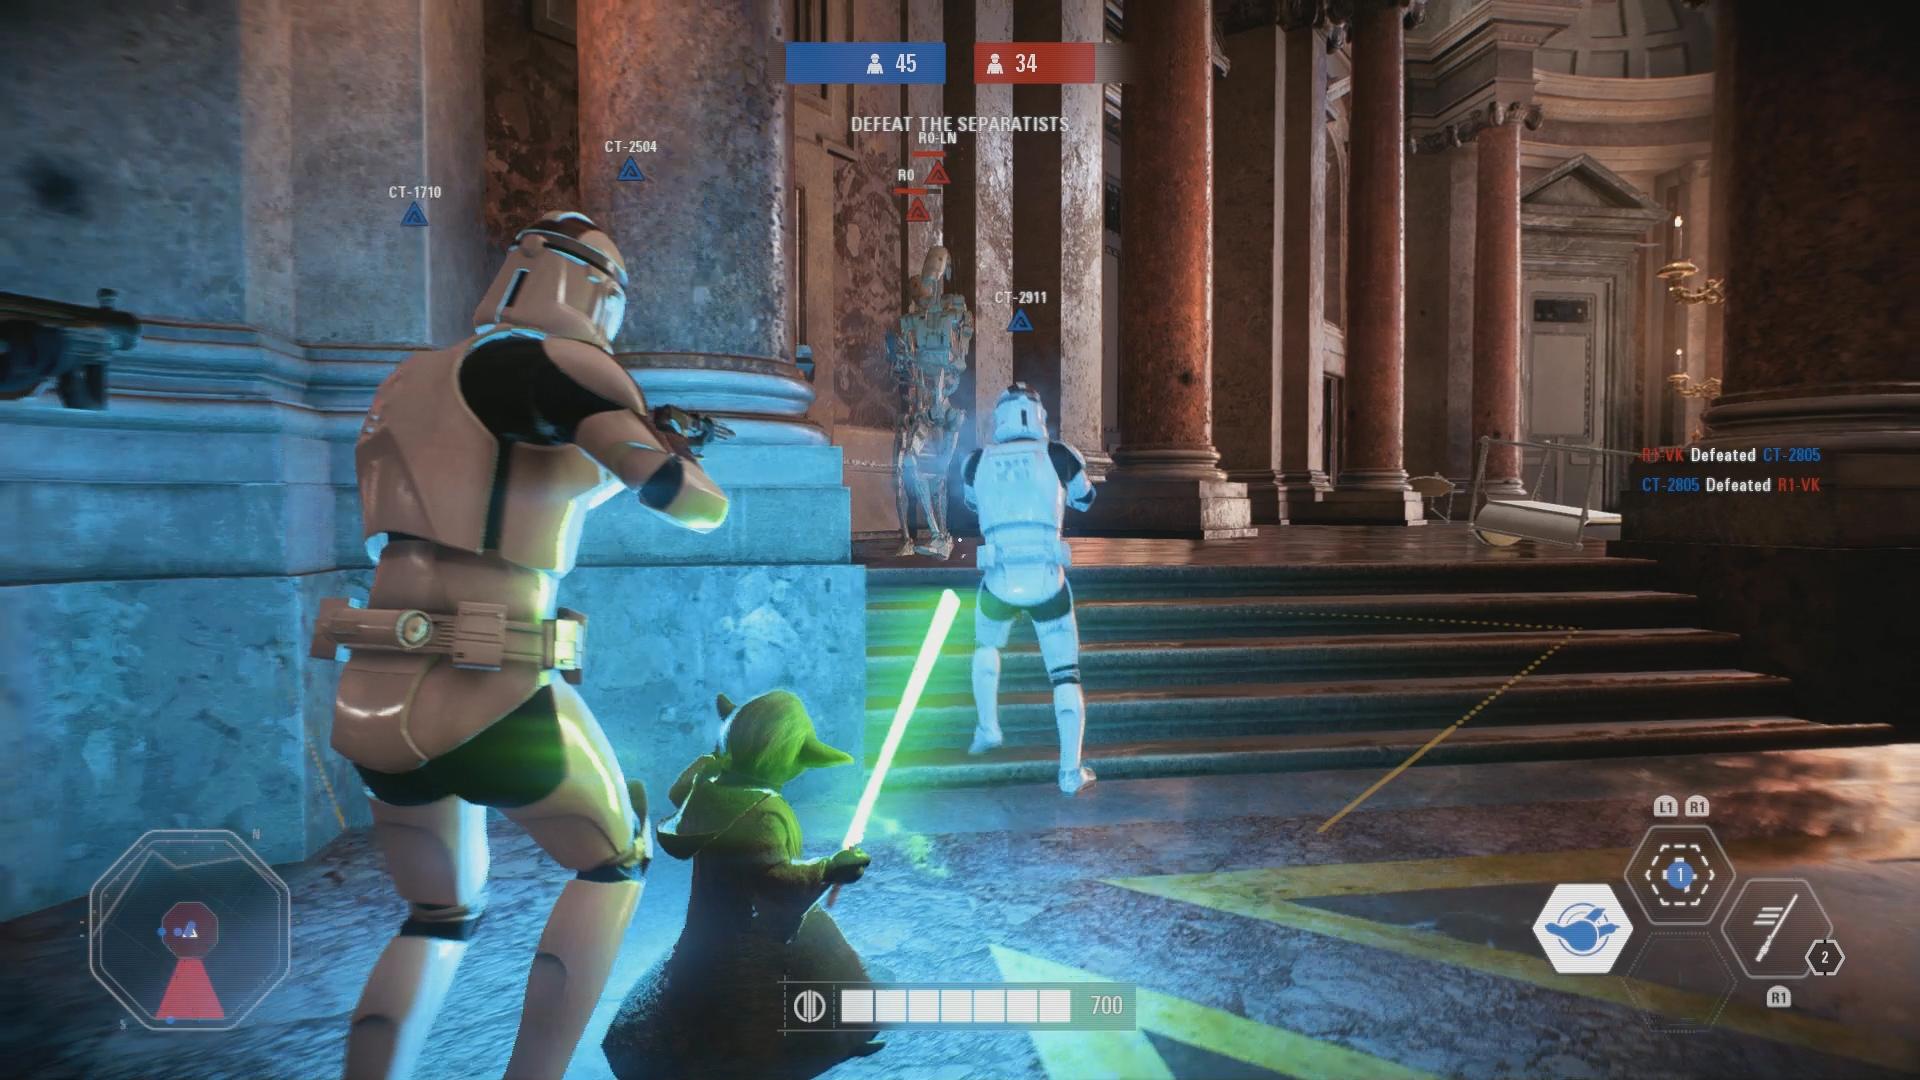 playstation 4 star wars battlefront trailer